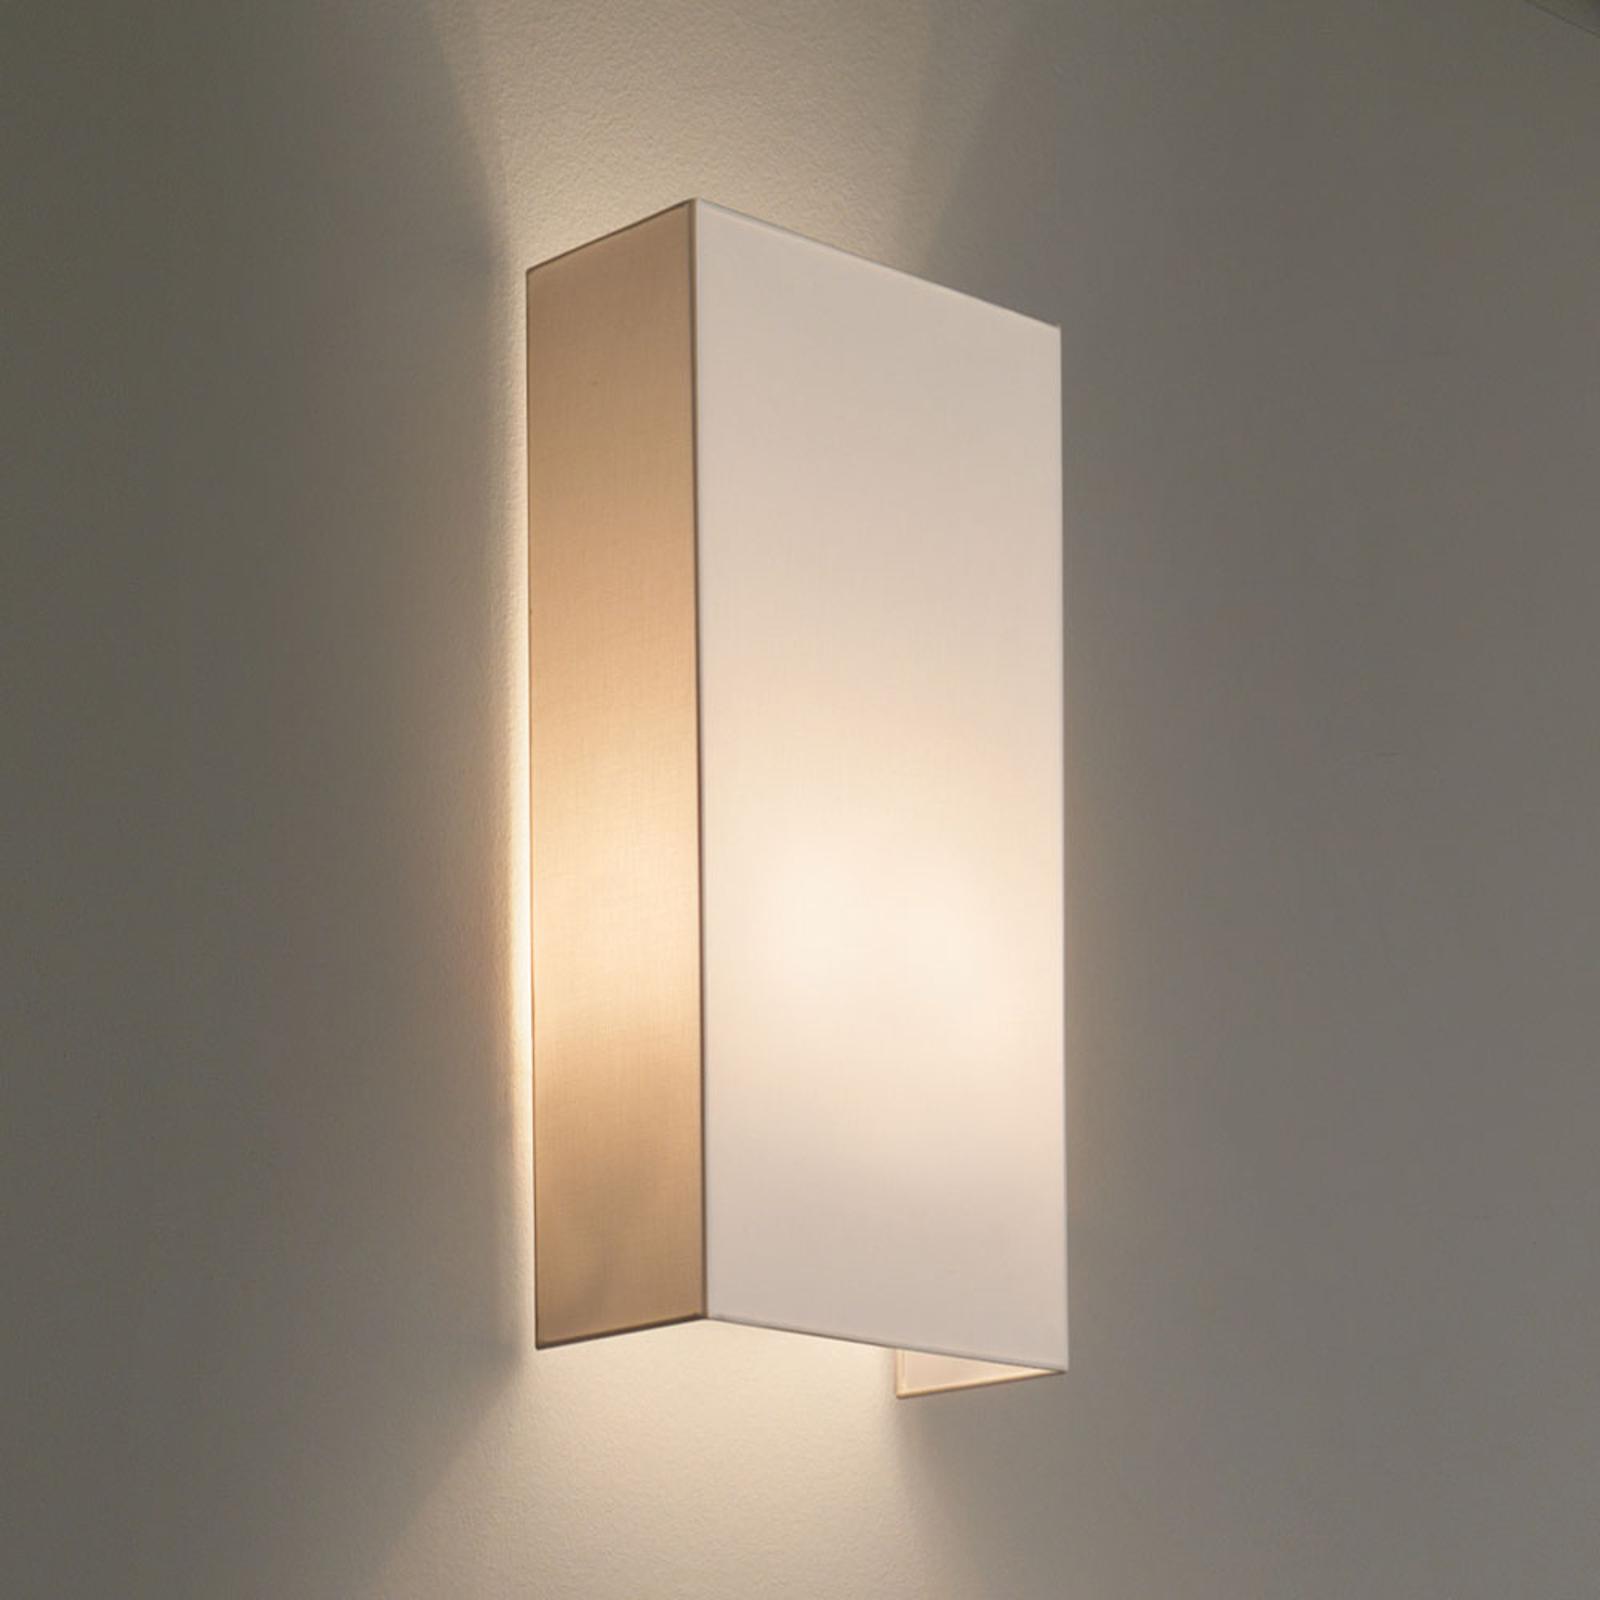 Modo Luce Rettangolo applique 25cm ivoire